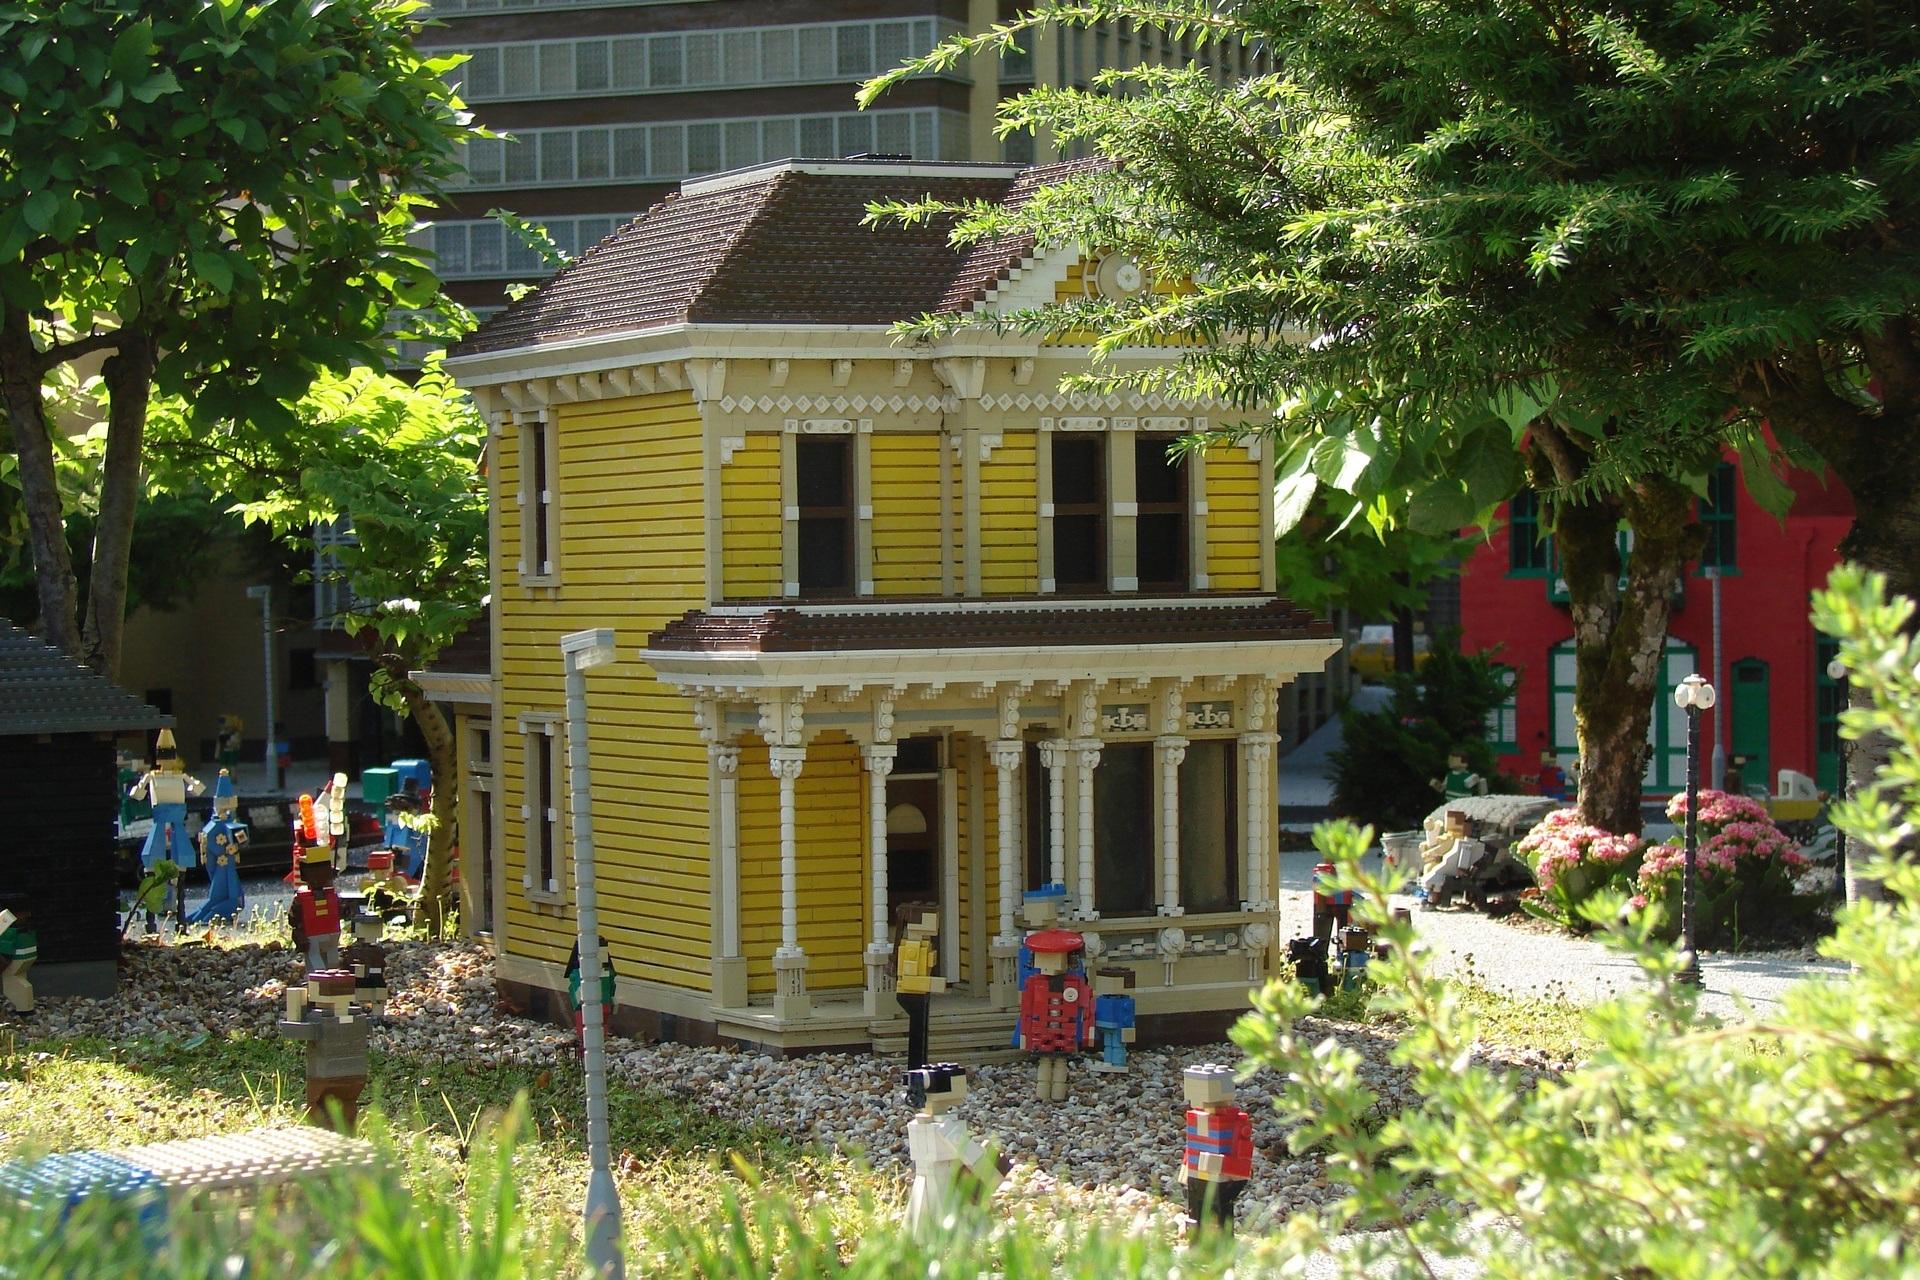 Haus Zuhause Europa Hütte Hinterhof Garten Erholungsort Dänemark Lego Garten  Legoland Bausteine Außenstruktur